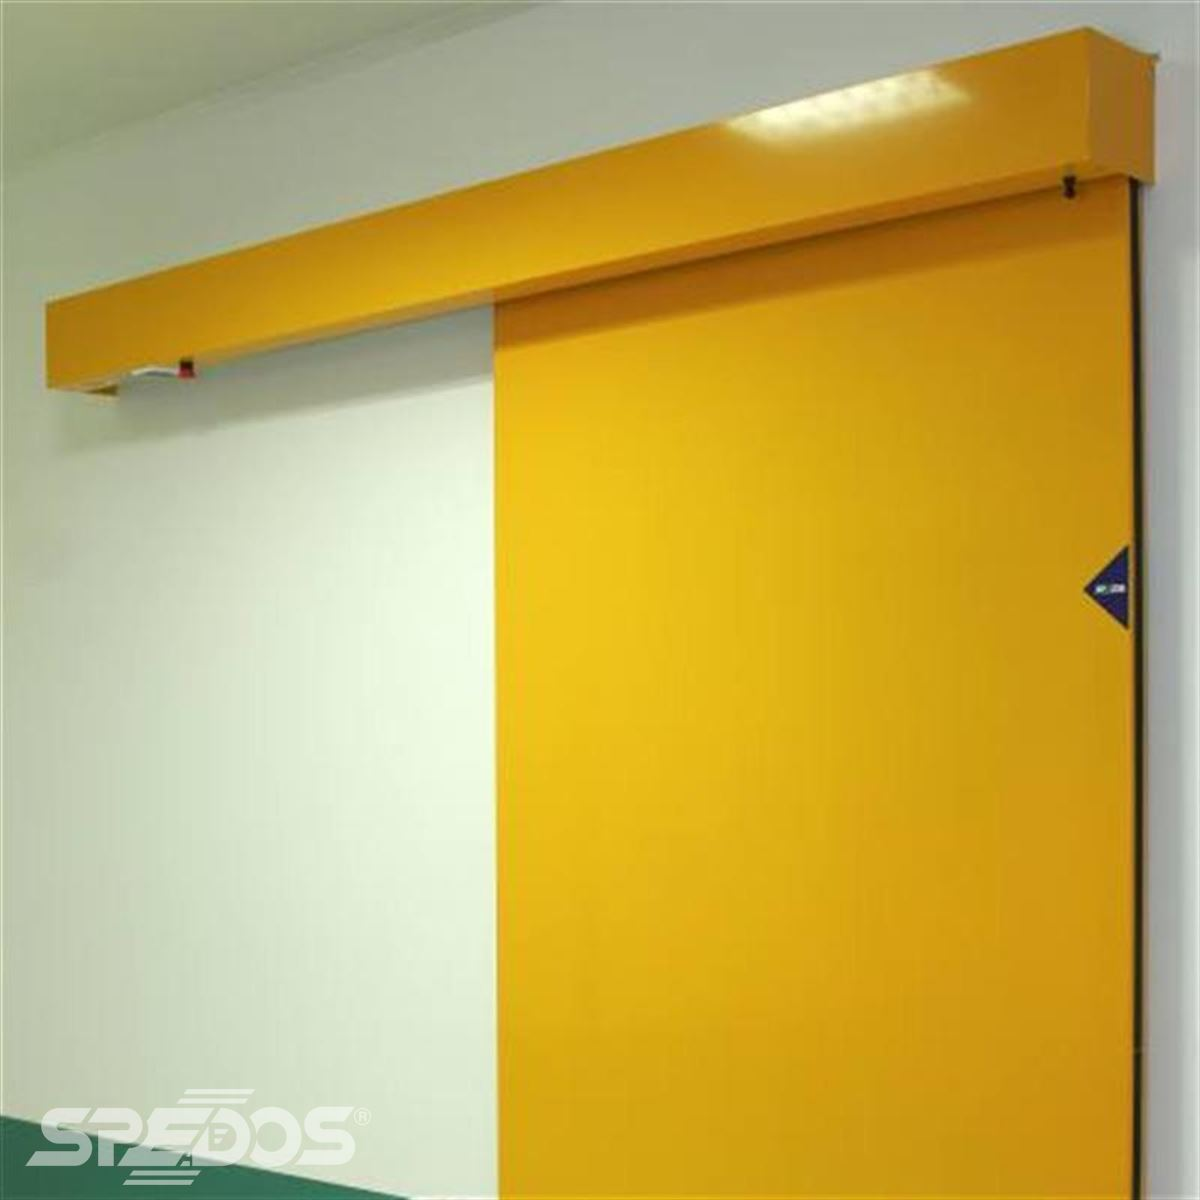 Jednokřídlé posuvné dveře ve žluté barvě